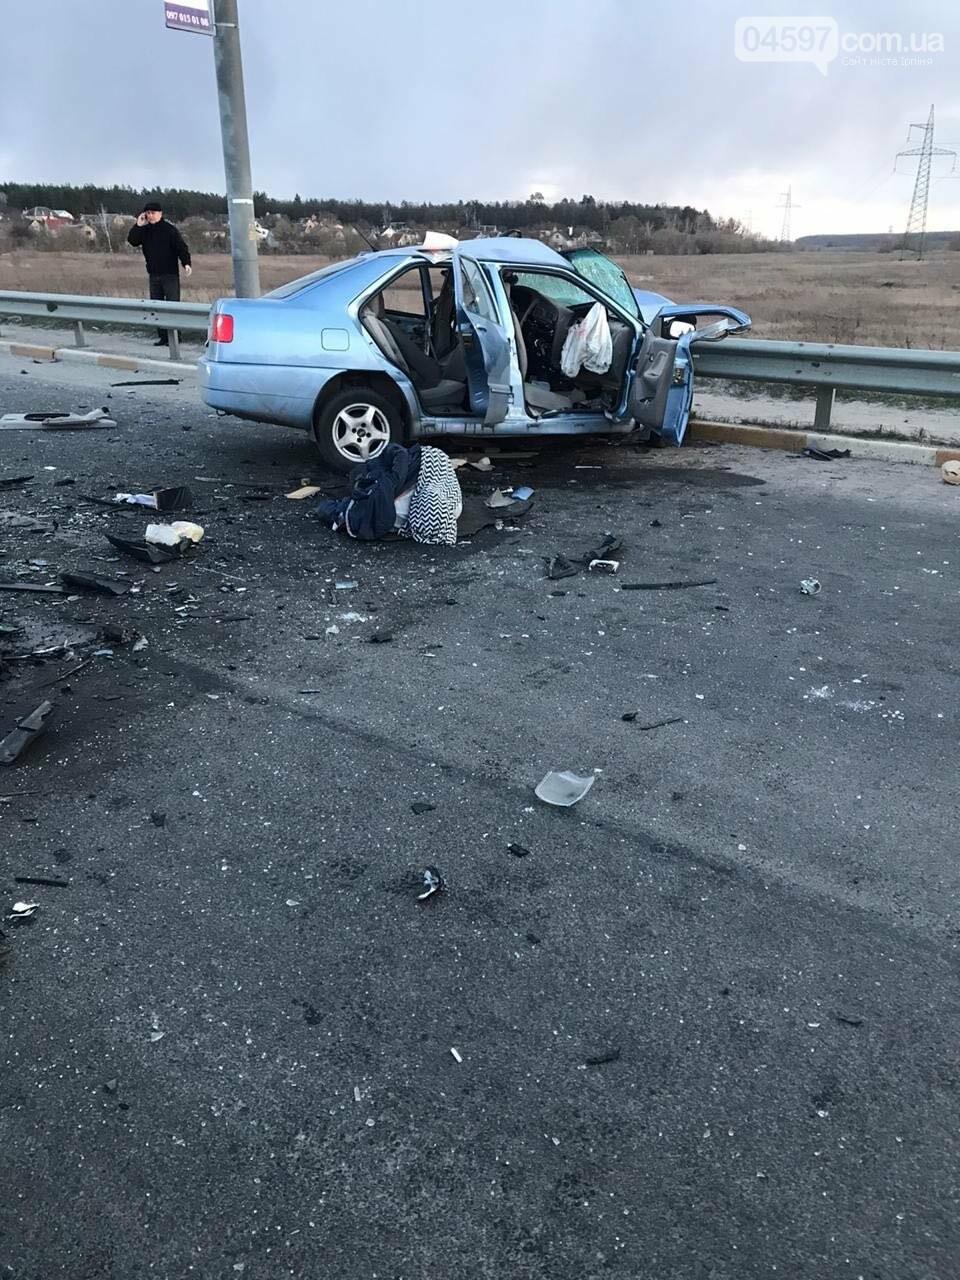 Машину розірвало на шматки: в Ірпені внаслідок ДТП загинув чоловік, фото-1